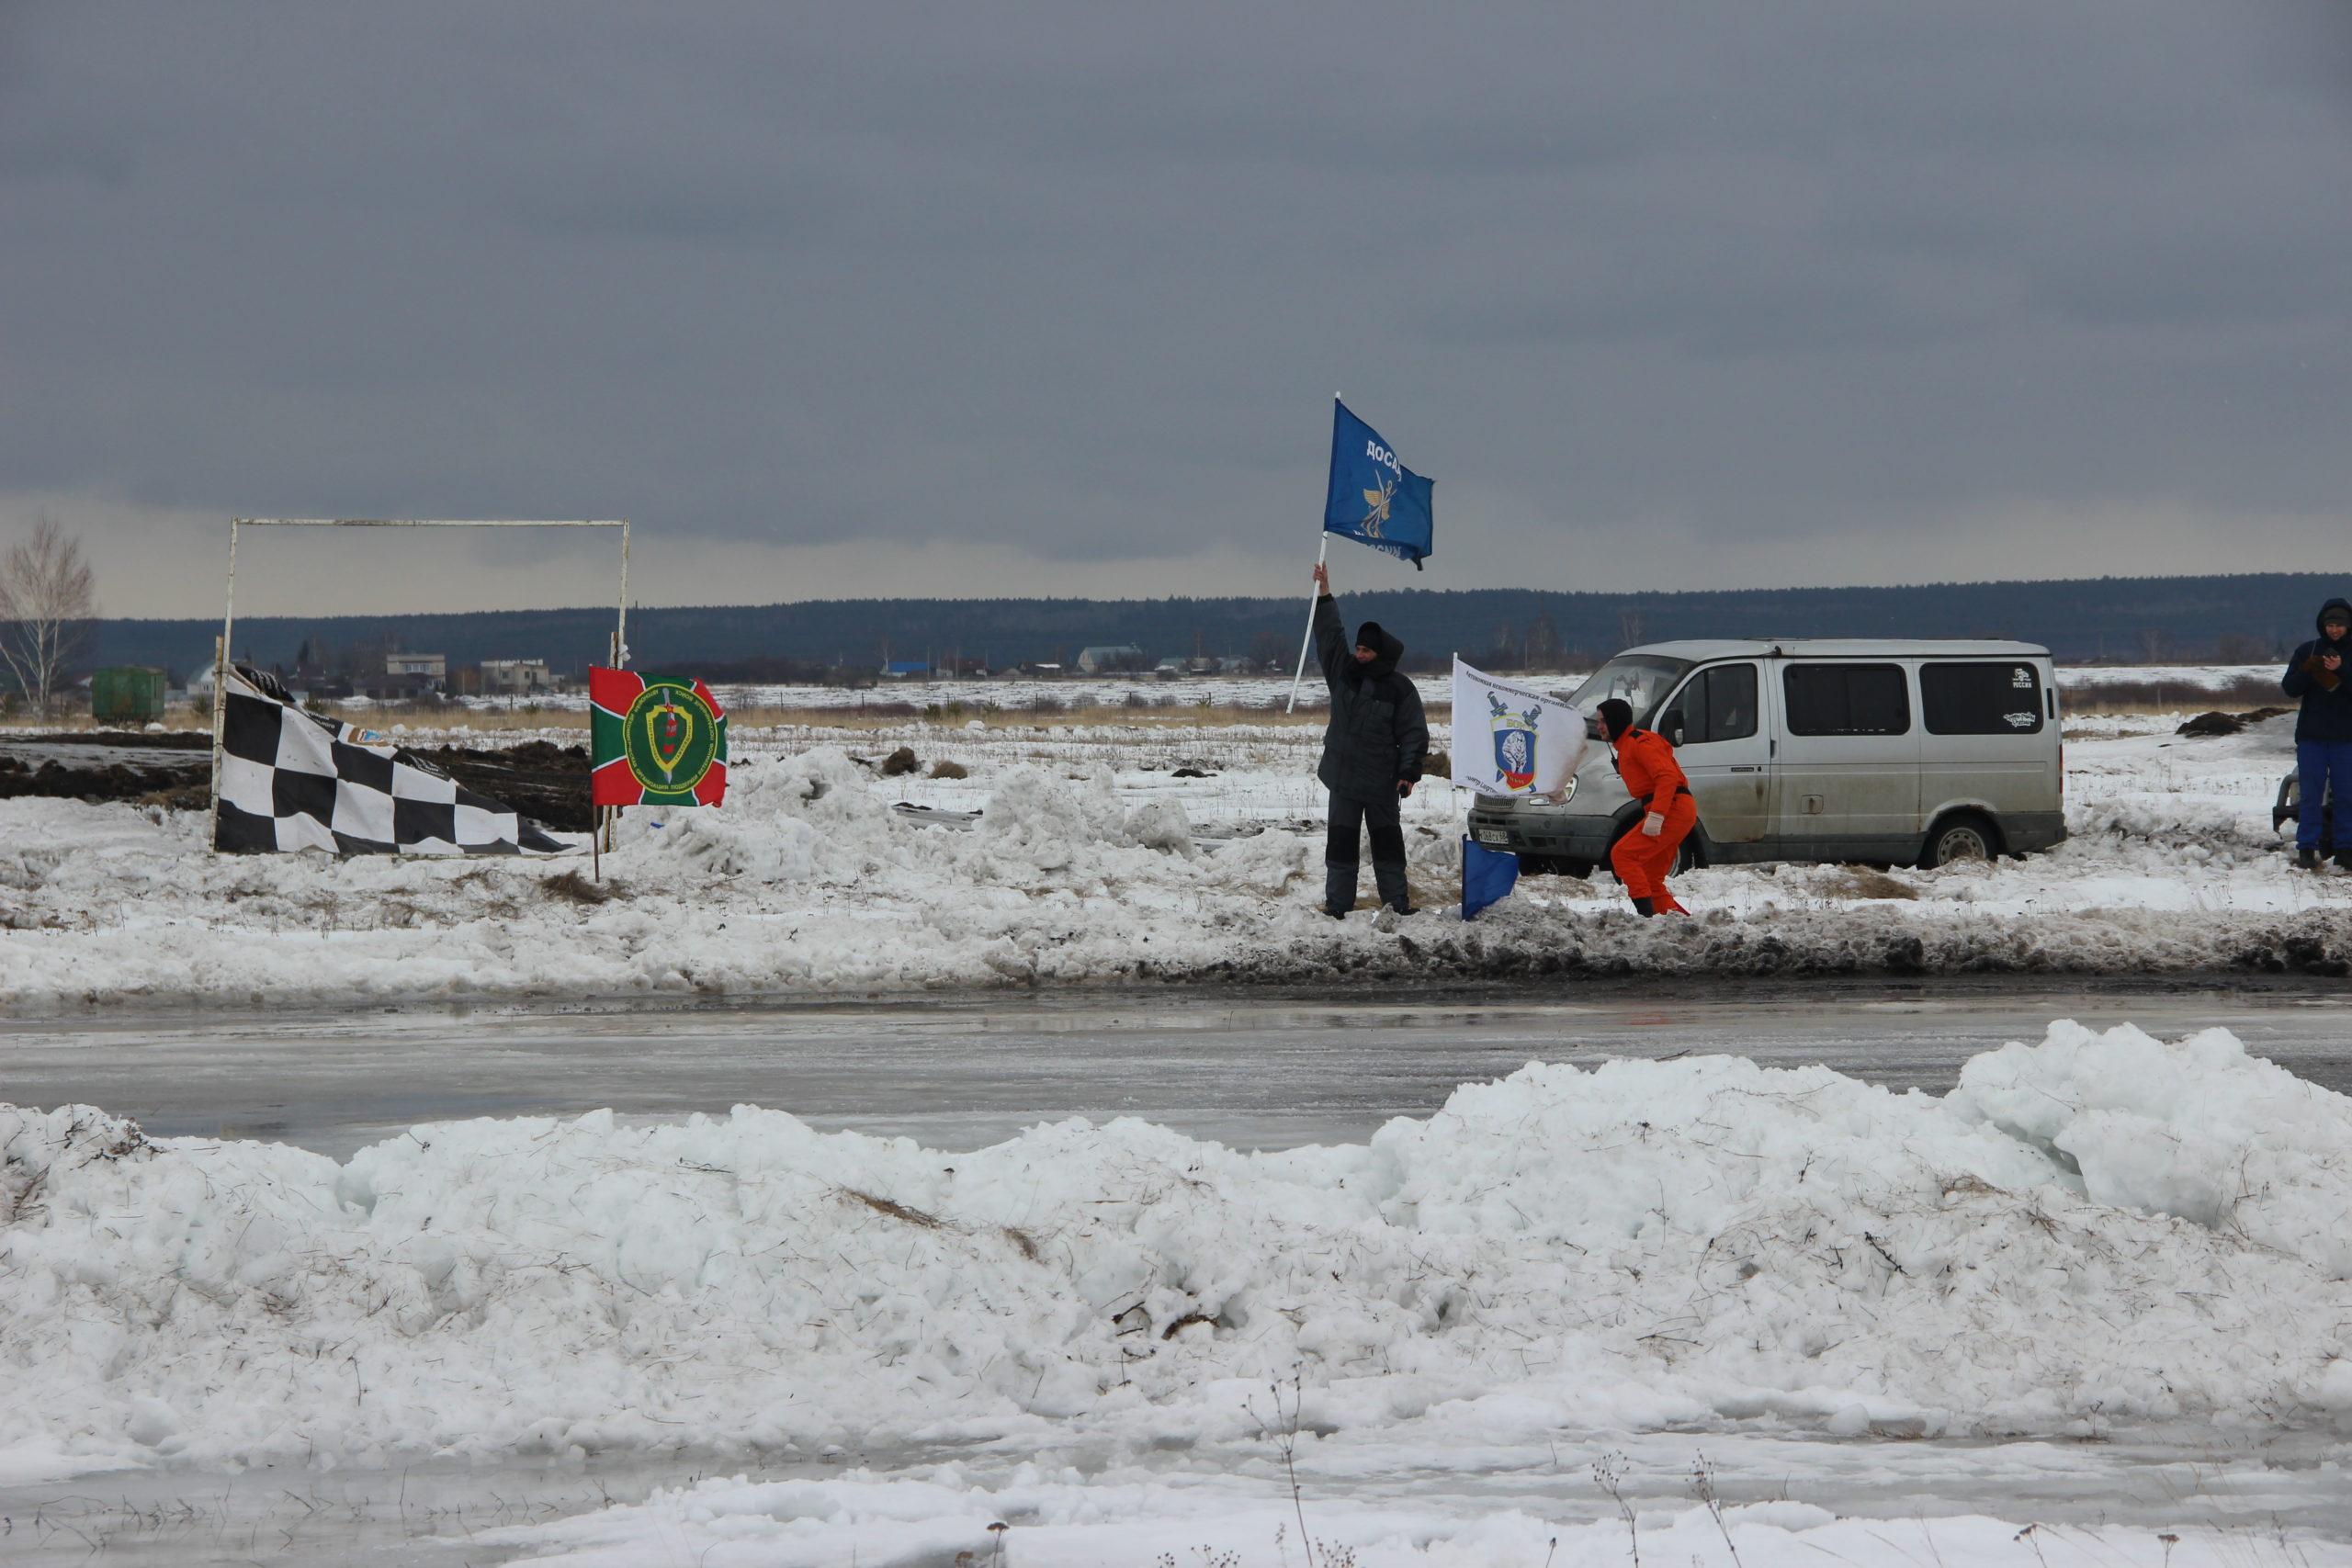 На Тамбовском аэродроме ДОСААФ России прошел чемпионат Тамбовской области по трековым гонкам